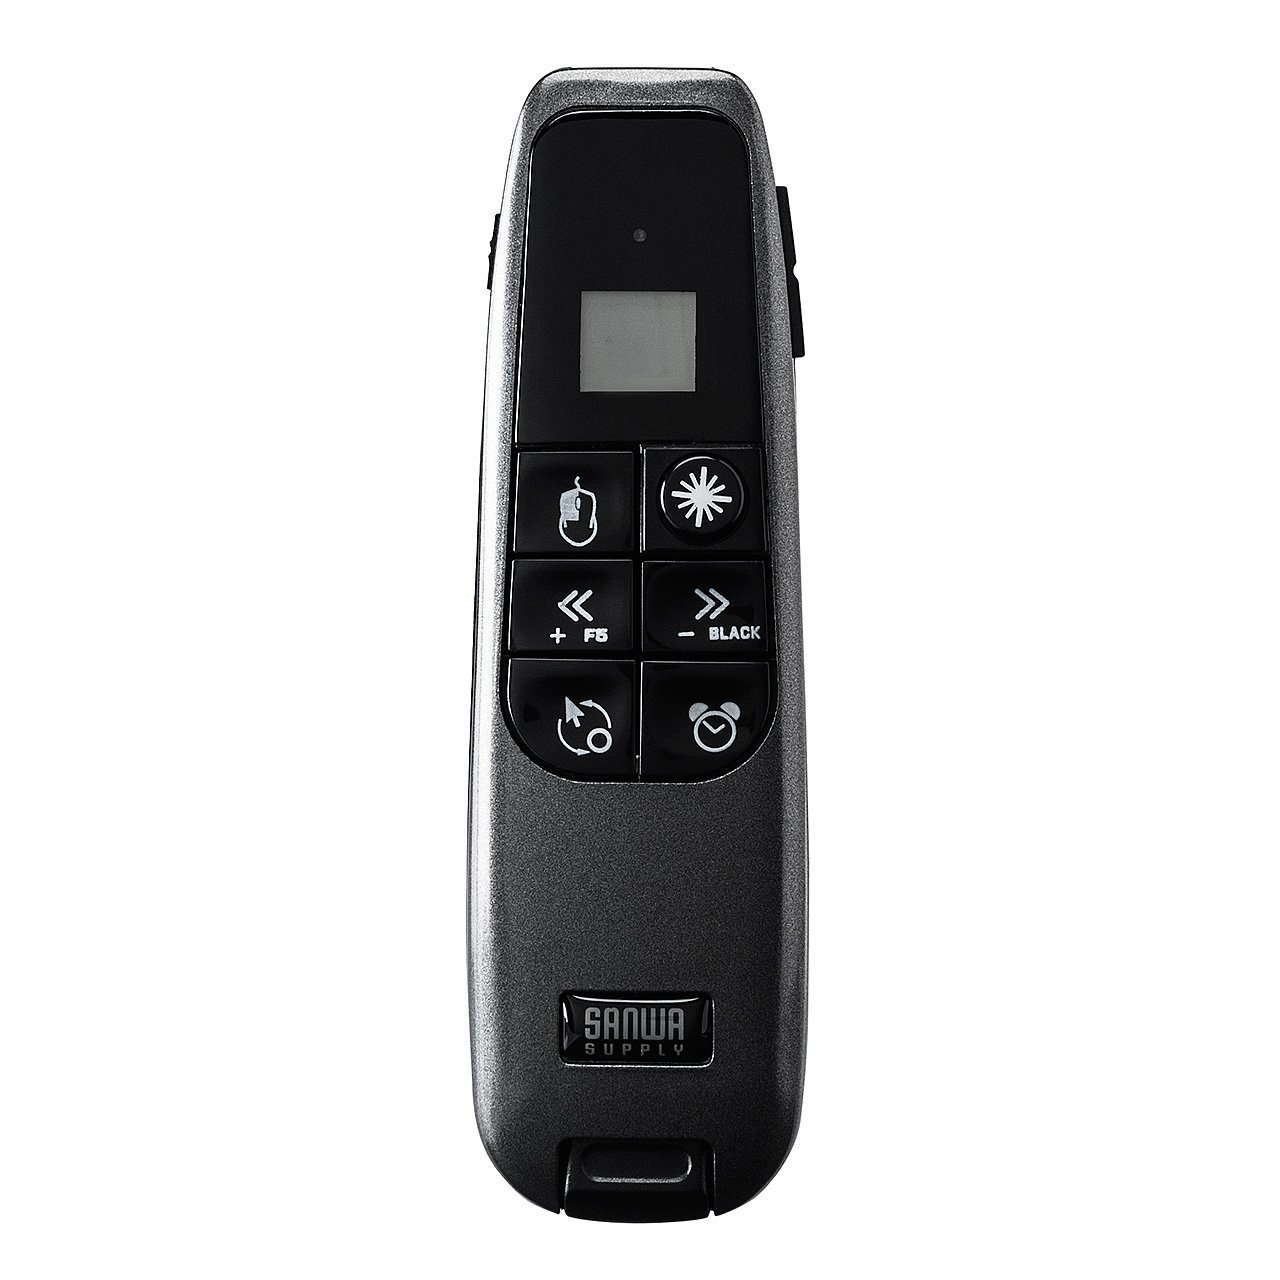 【激安セール】 イーサプライ プレゼンテーションマウス PSC認証 PSC認証 ジャイロ 空中操作 タイマー付き タイマー付き EZ4-MA080 EZ4-MA080 B01MZ2CAFK, American Street Style:4ac1cd4e --- nicolasalvioli.com